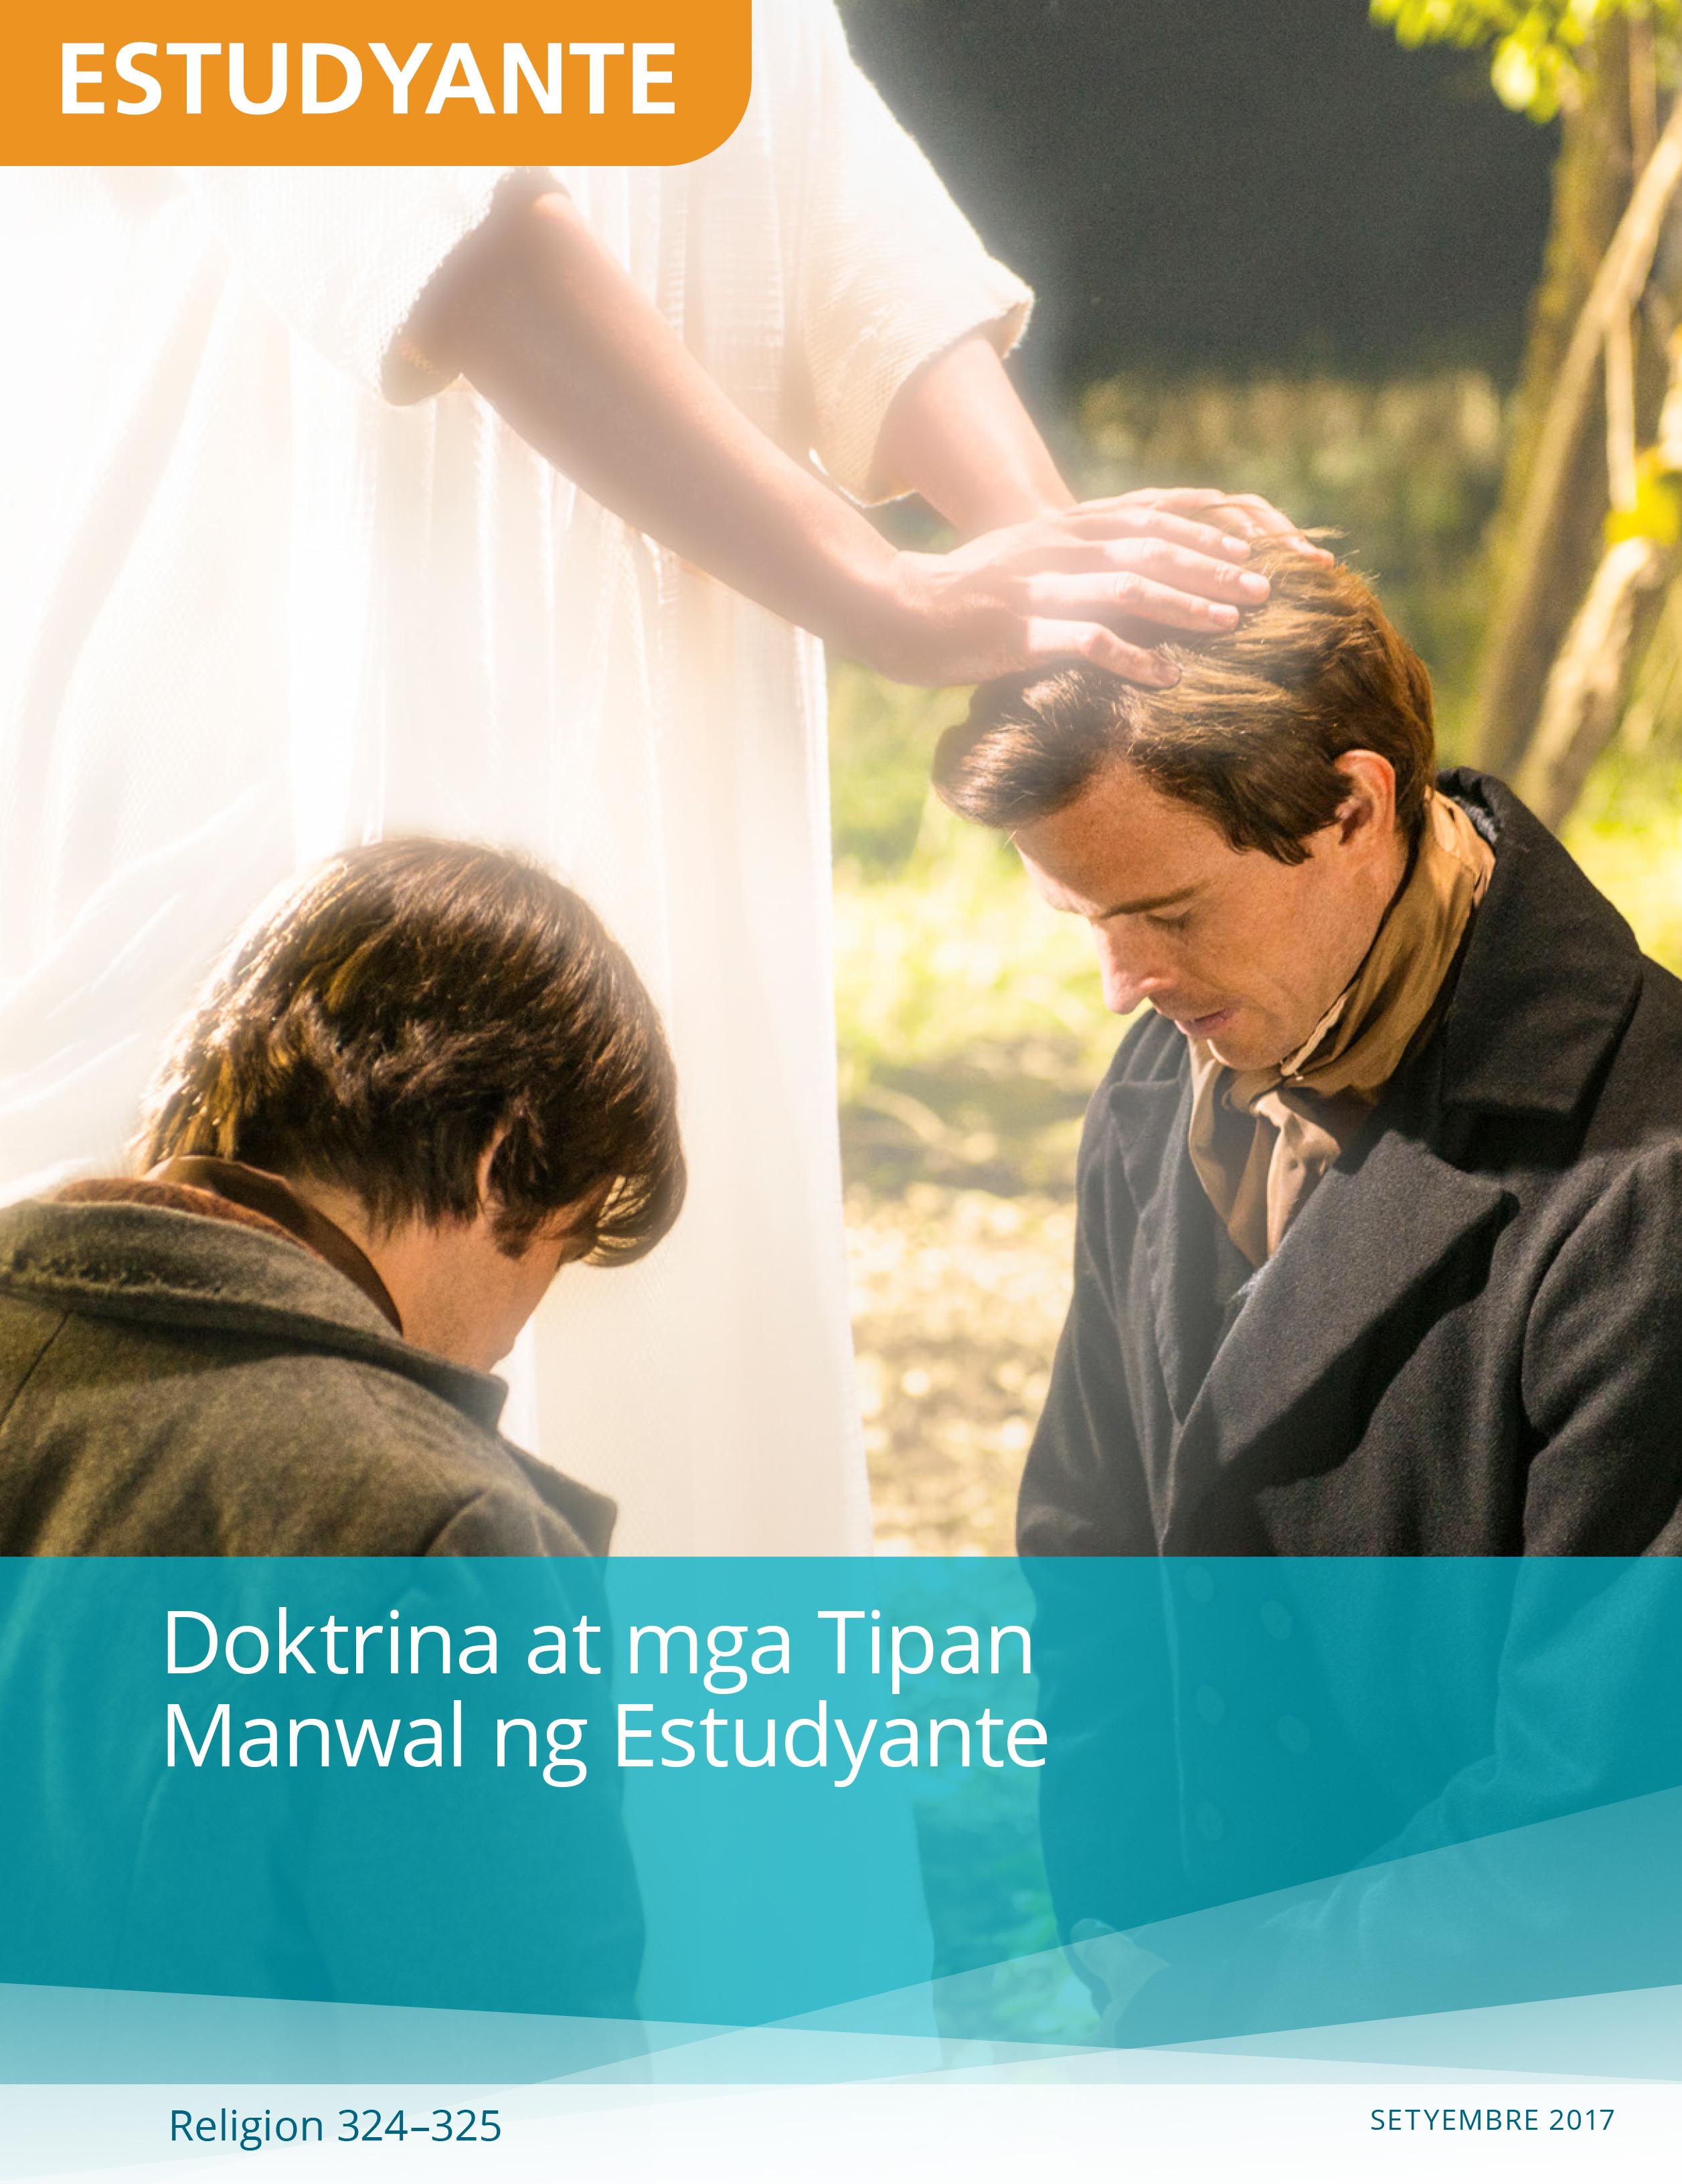 Manwal ng Doktrina at mga Tipan para sa Estudyante